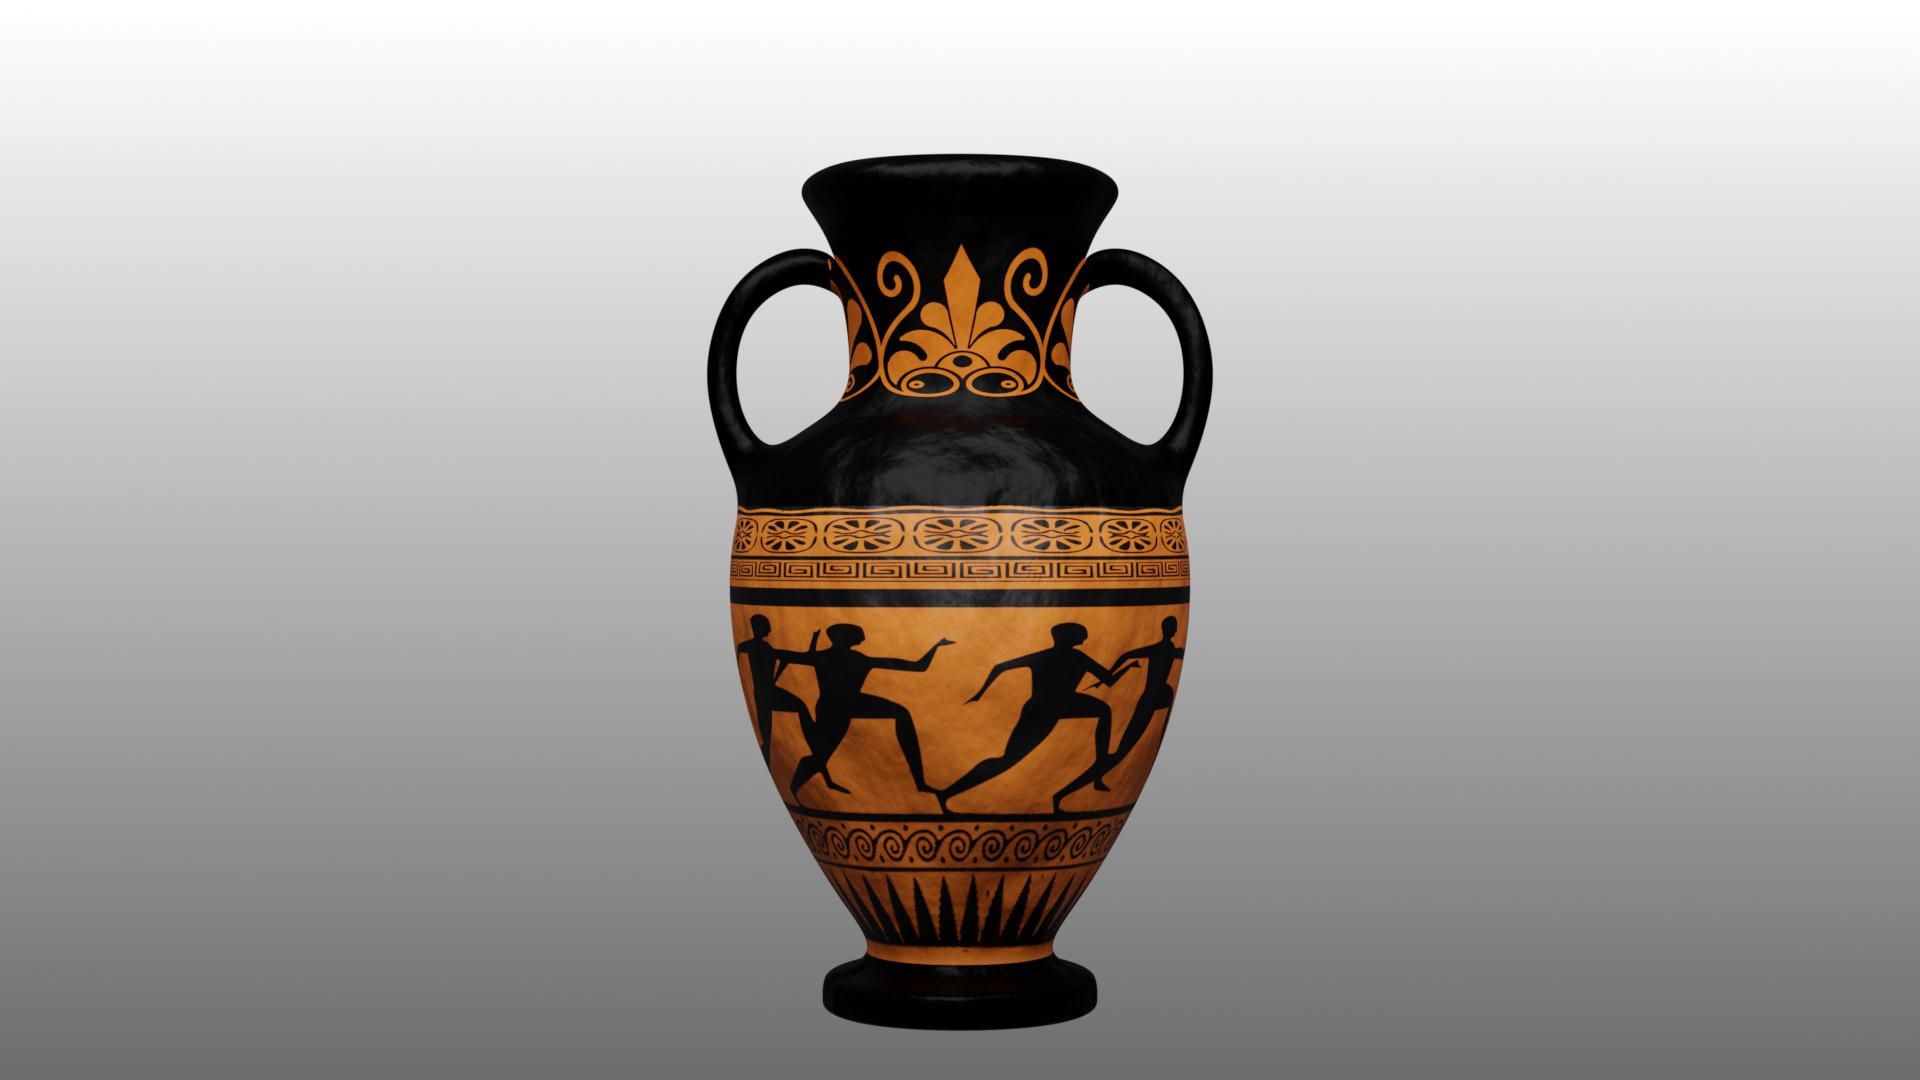 Greek Vase (Made with Blender)